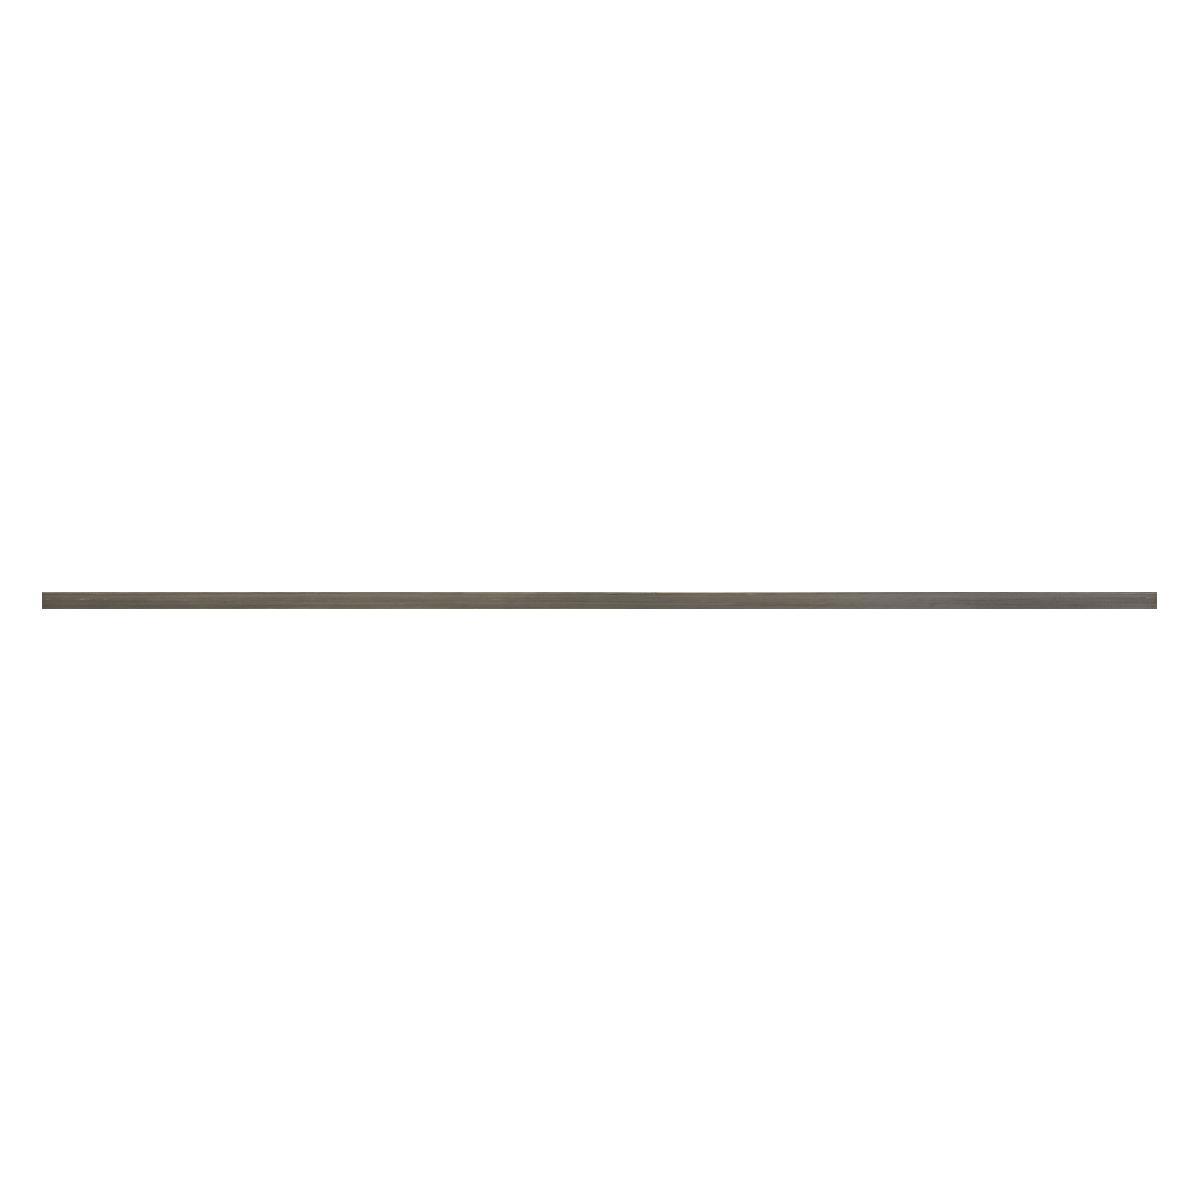 Perfil De Transición Aspen Roble Royal Mate - 4X240 cm